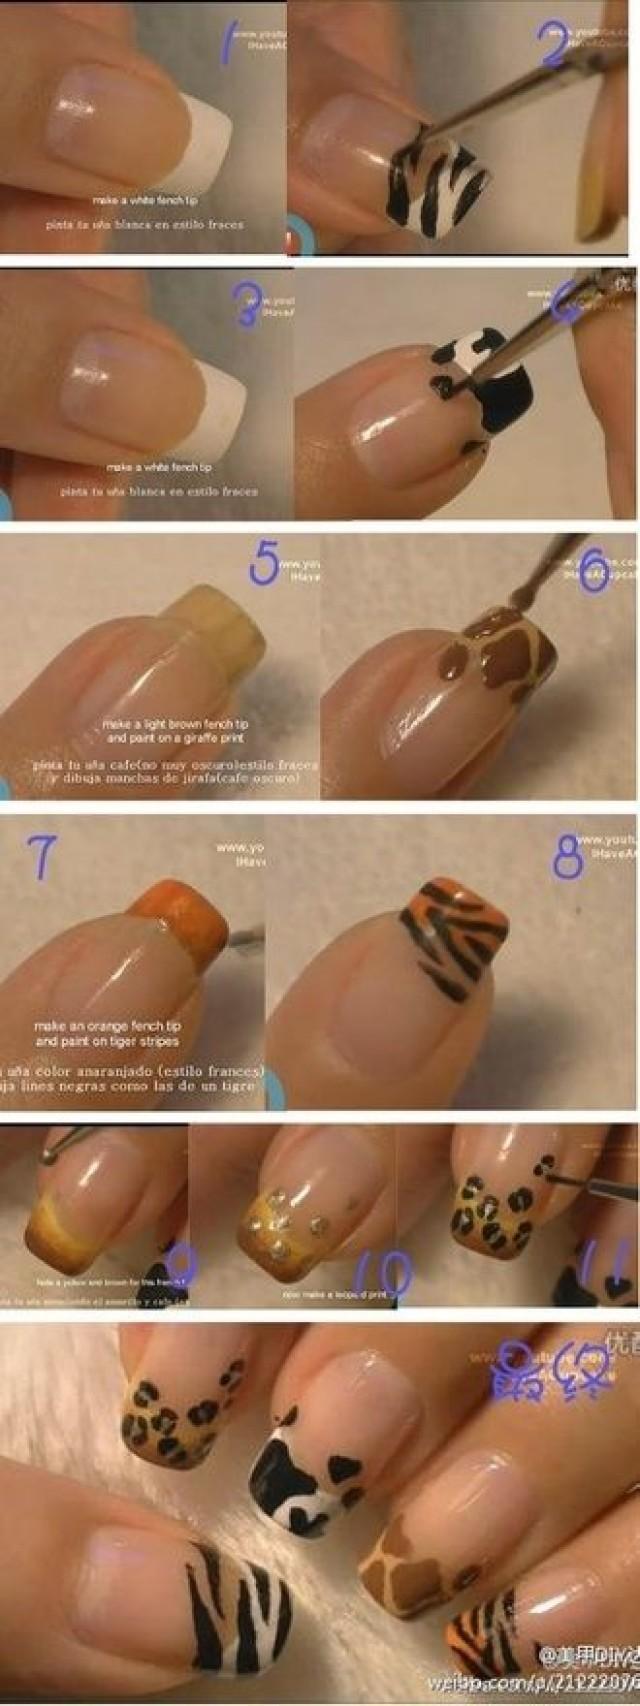 Как сделать коррекцию ногтей в домашних условиях пошагово фото